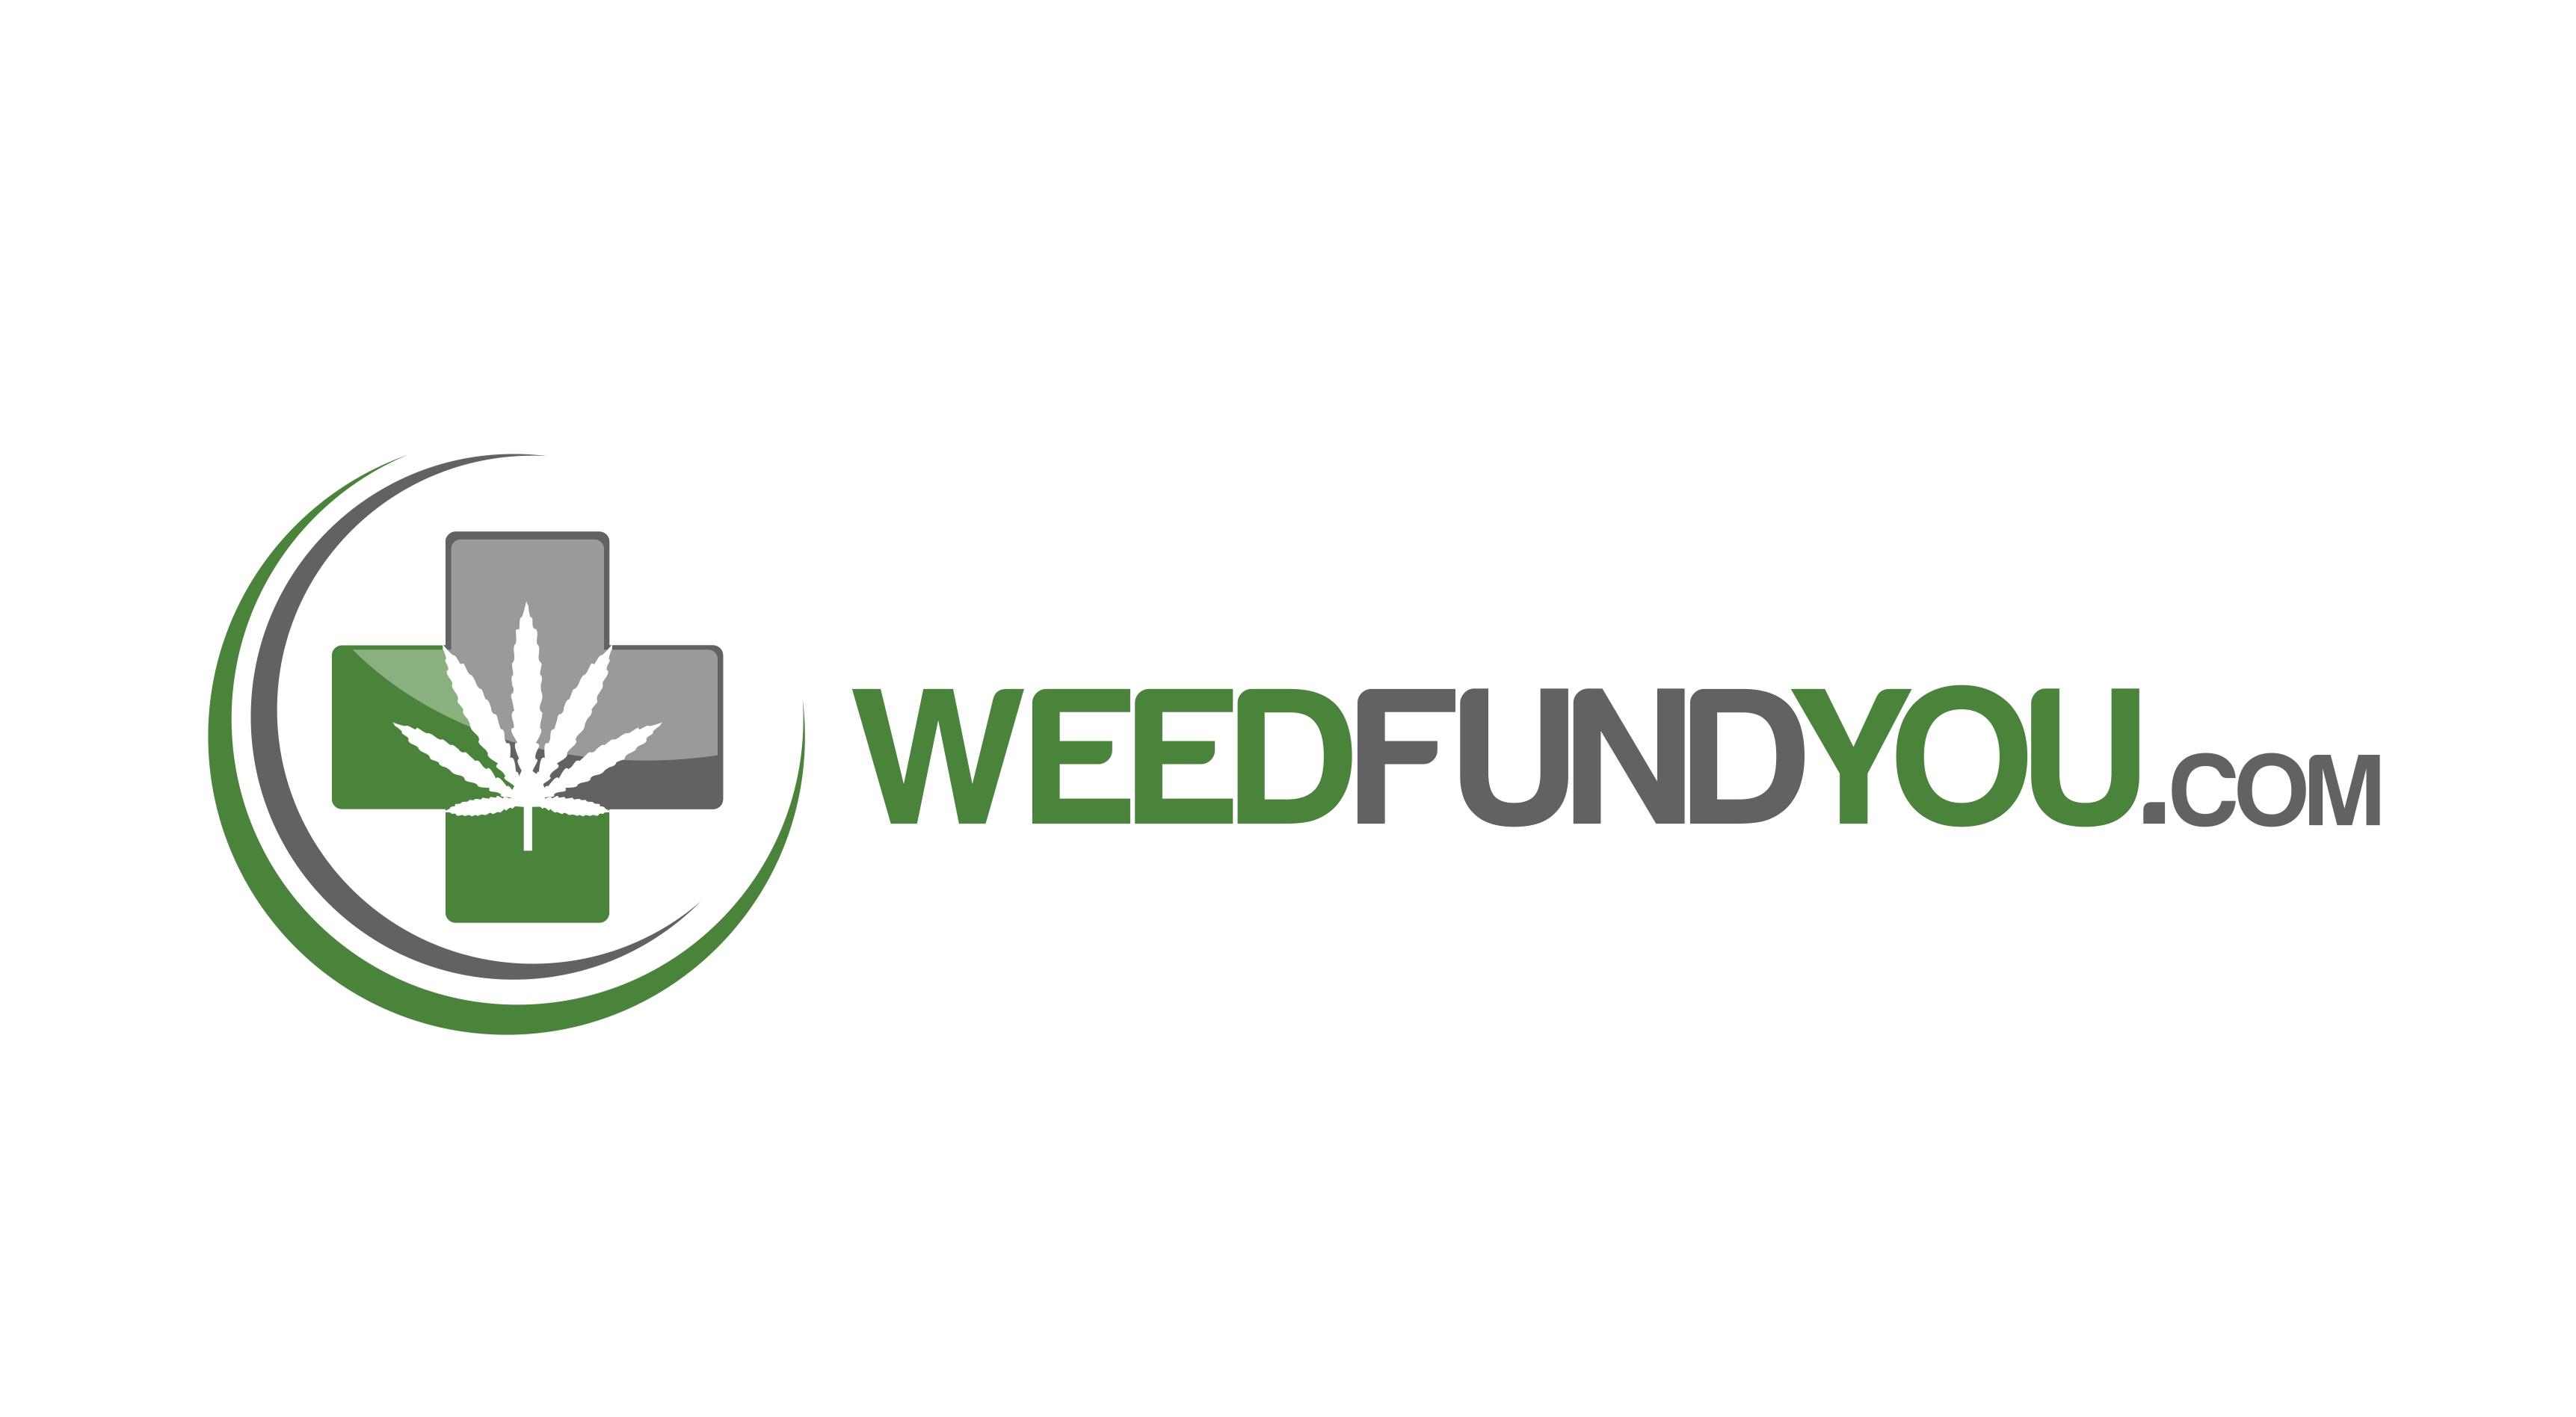 Logo for Weedfundyou